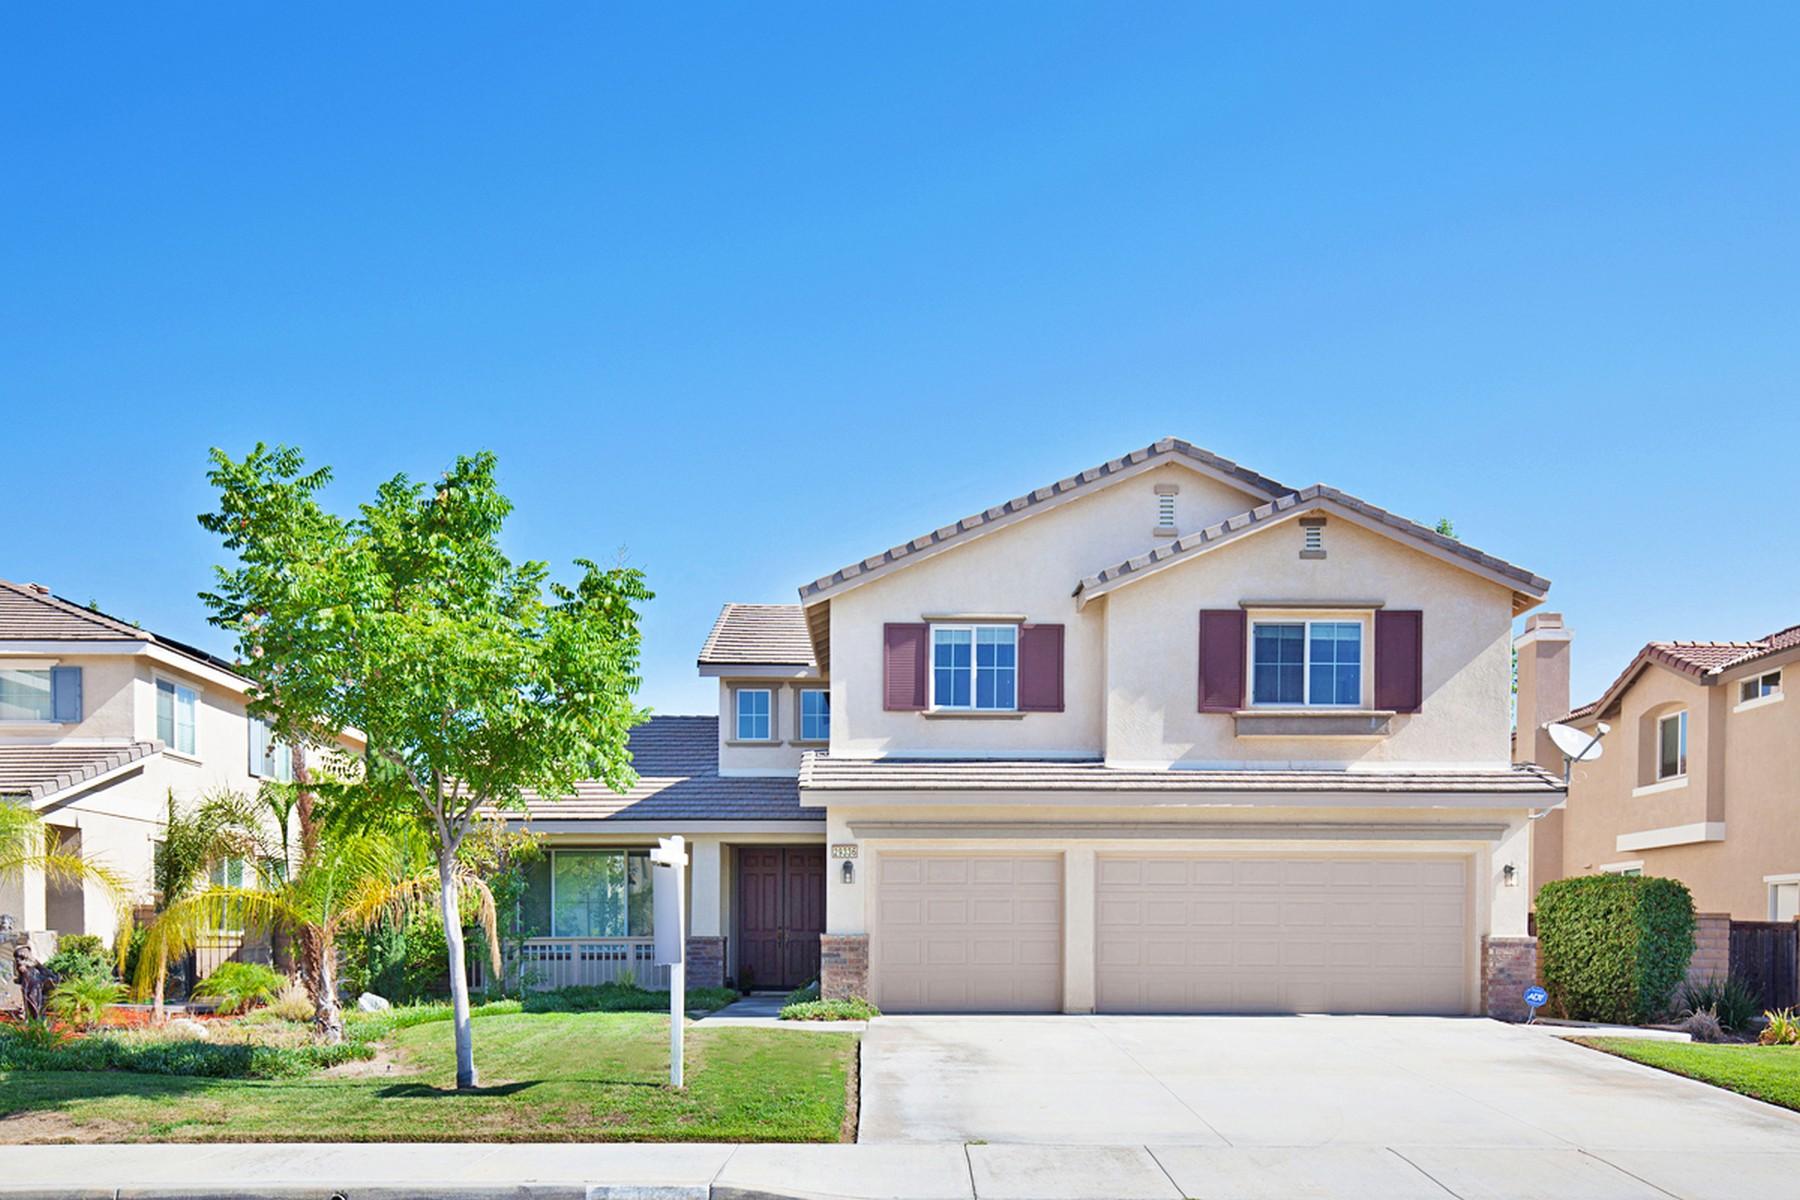 一戸建て のために 売買 アット 29336 Ariel Street Murrieta, カリフォルニア 92563 アメリカ合衆国